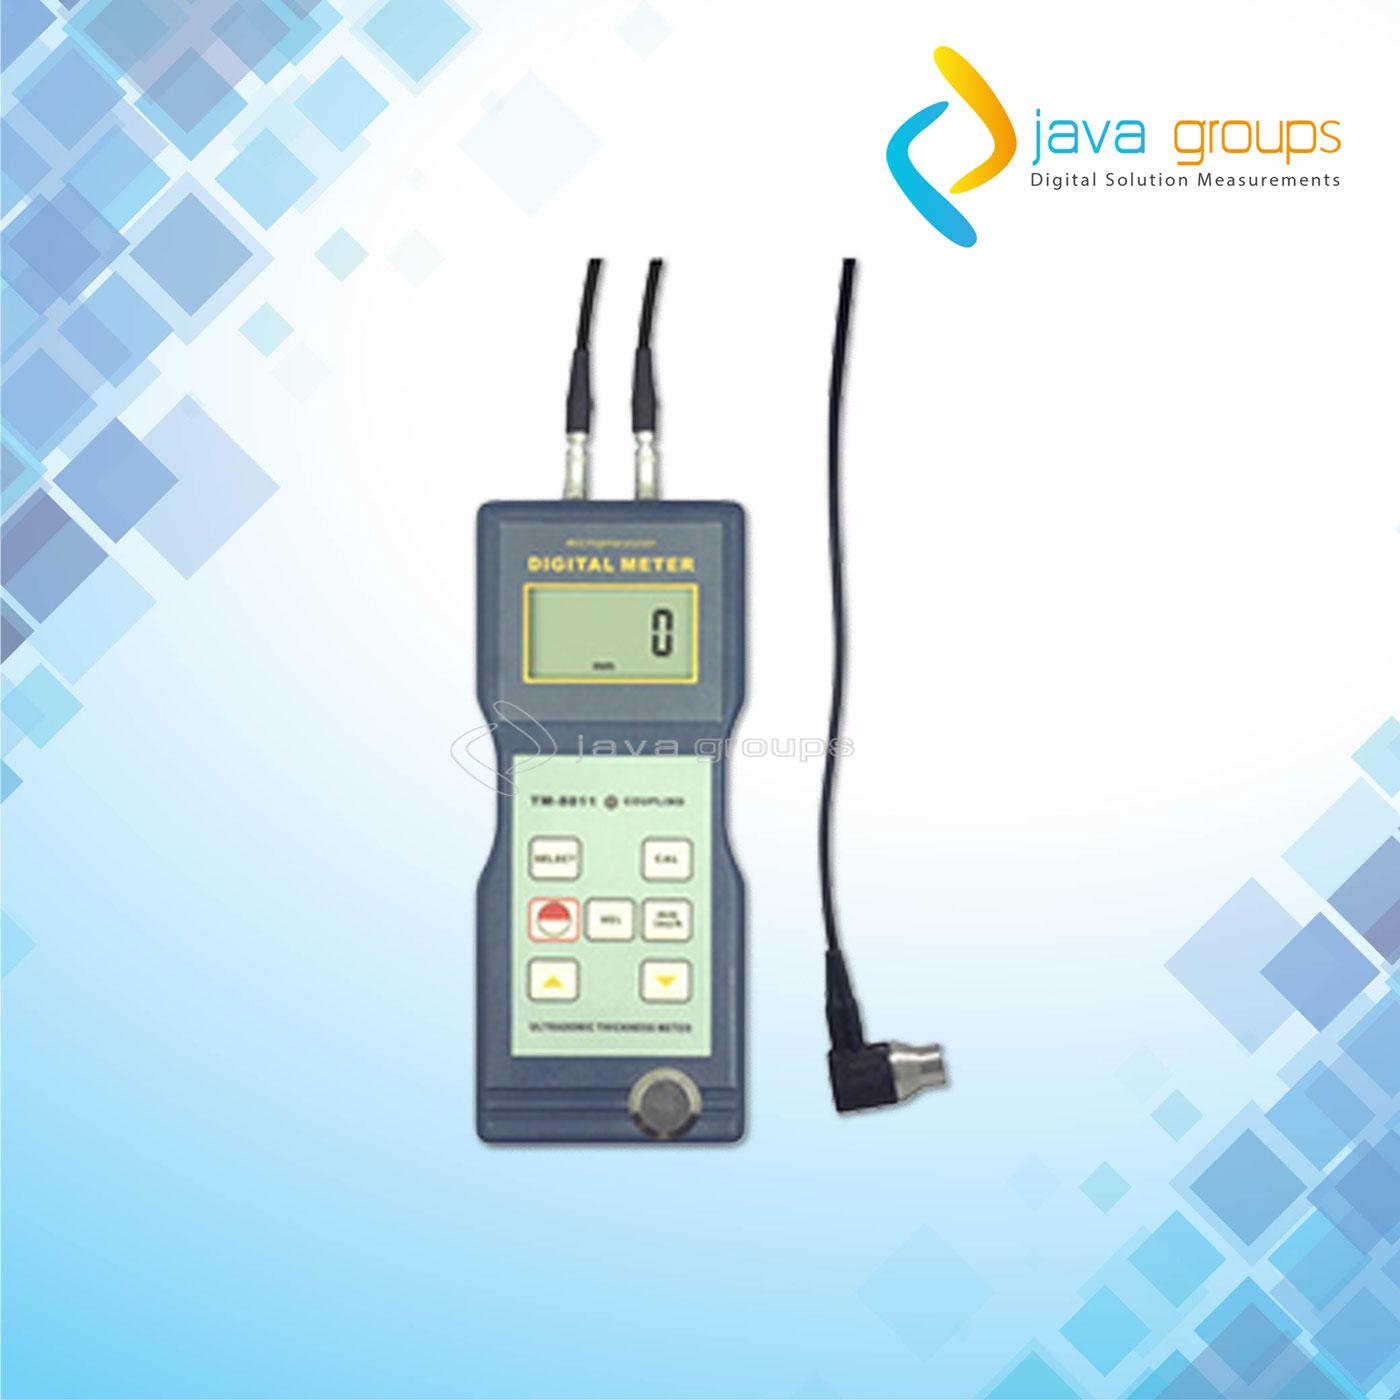 Alat Thickness Meter Ultrasonic Pengukur Ketebalan TM-8811